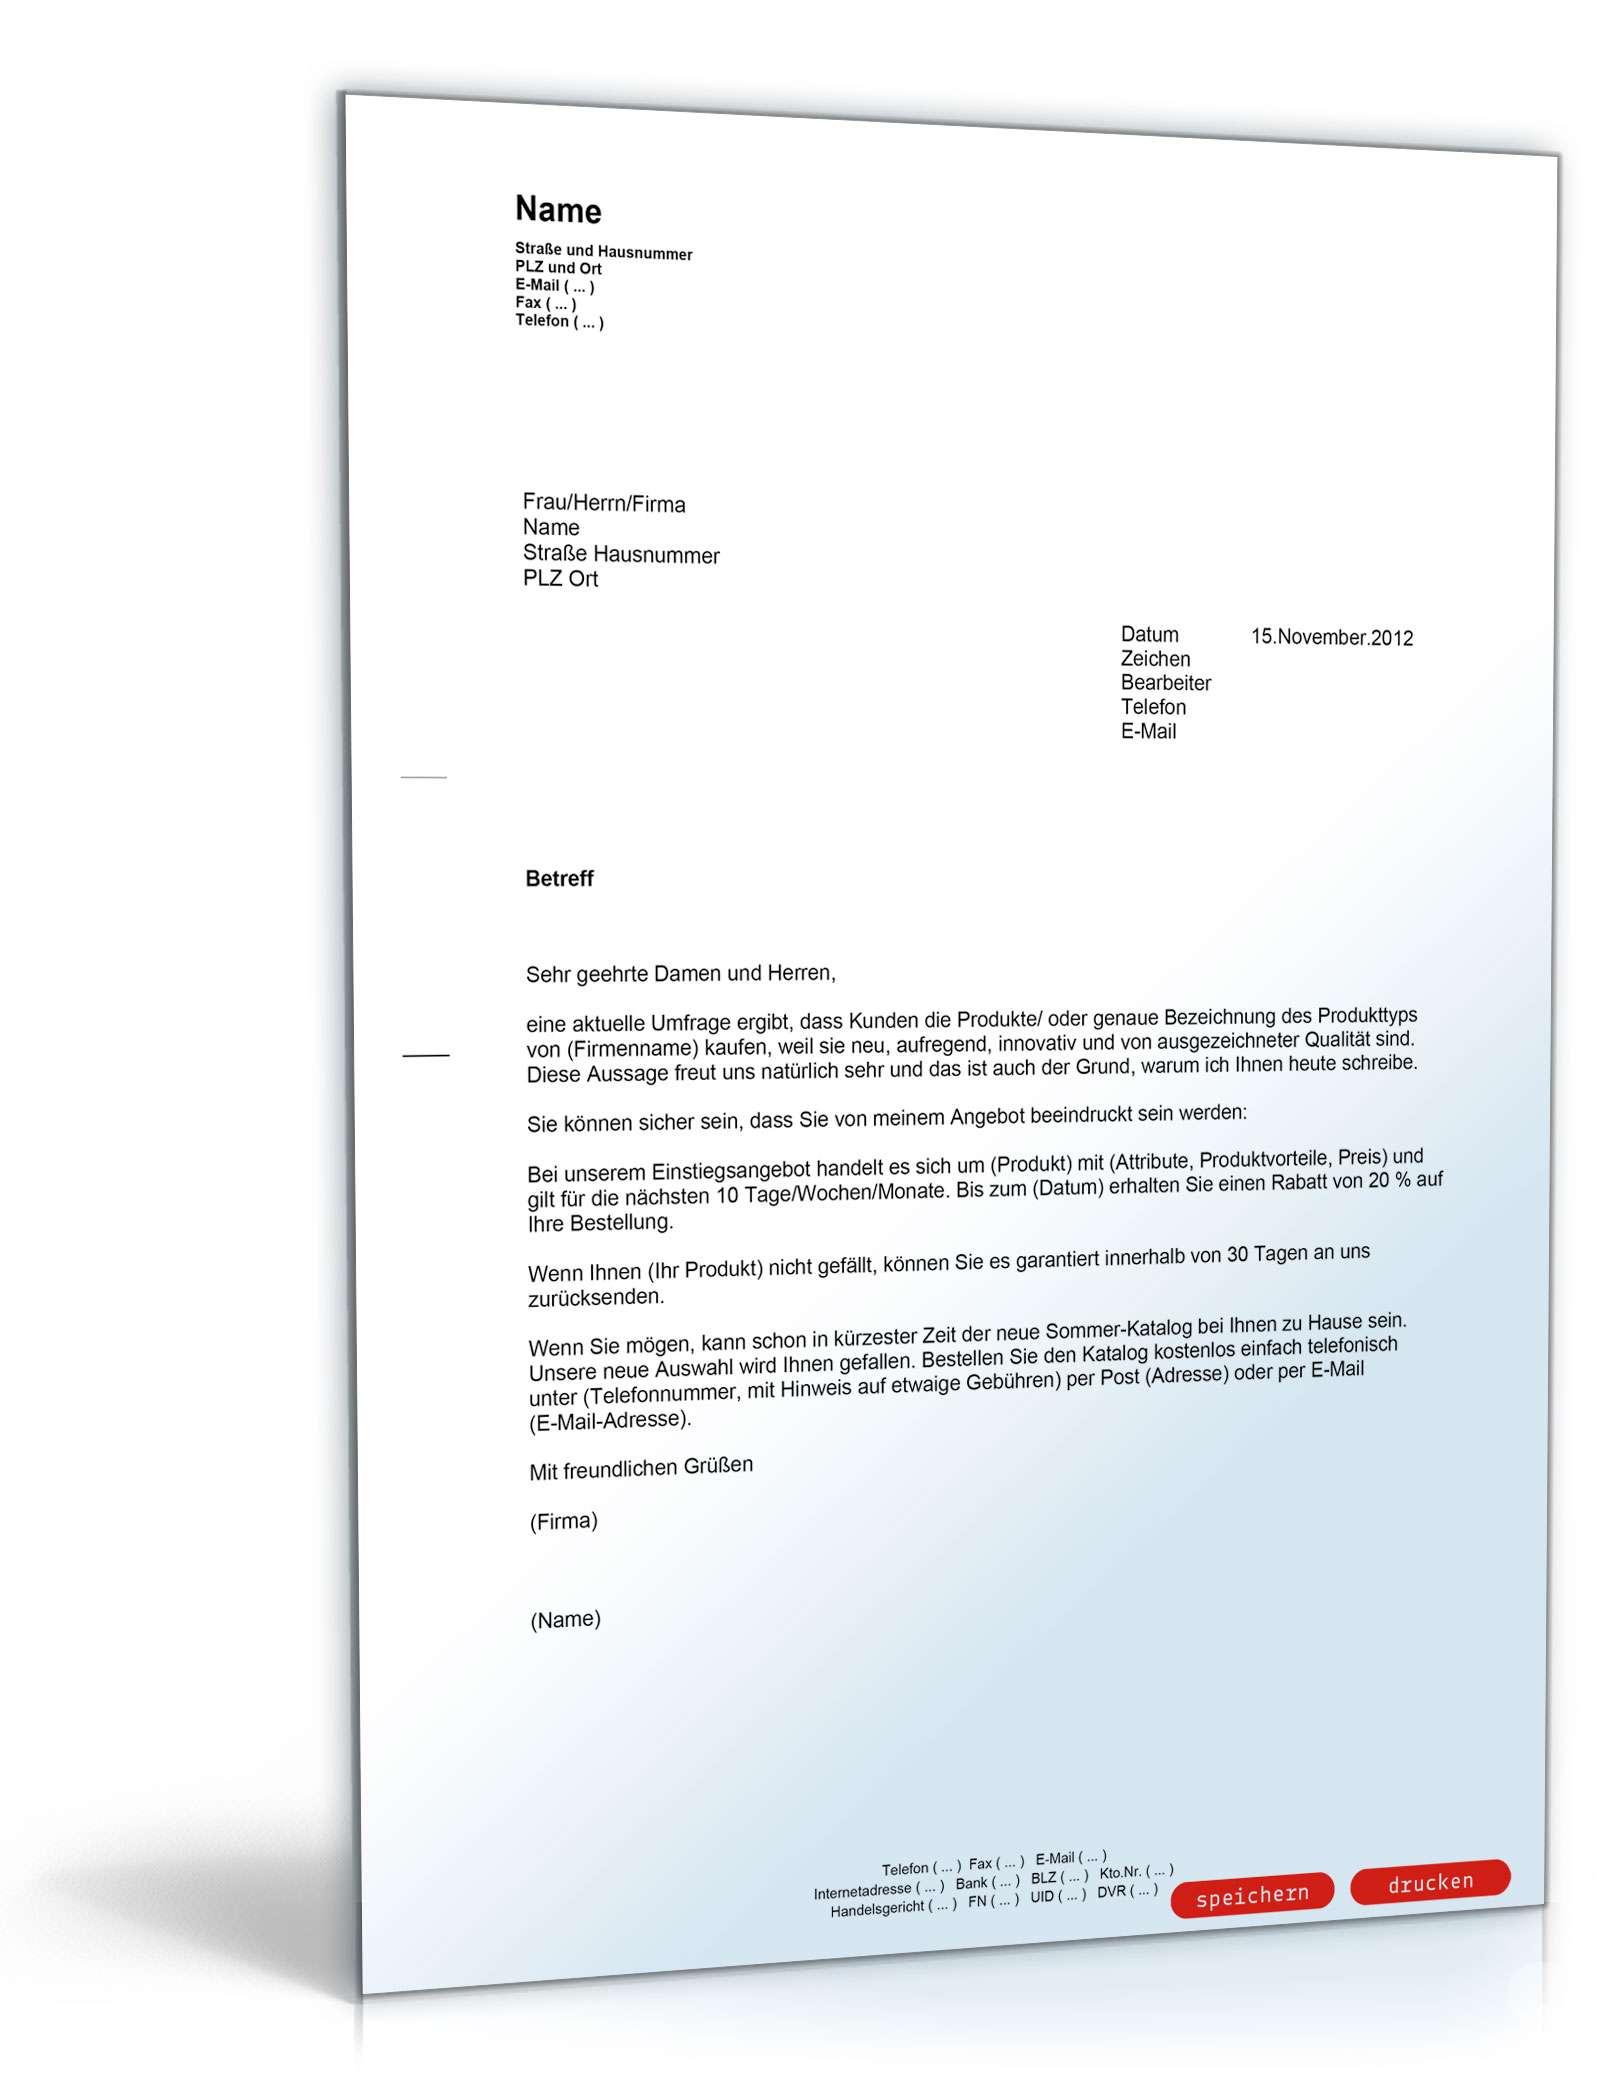 Brief Für Namensänderung : Allgemeiner produktwerbebrief musterbrief zum download